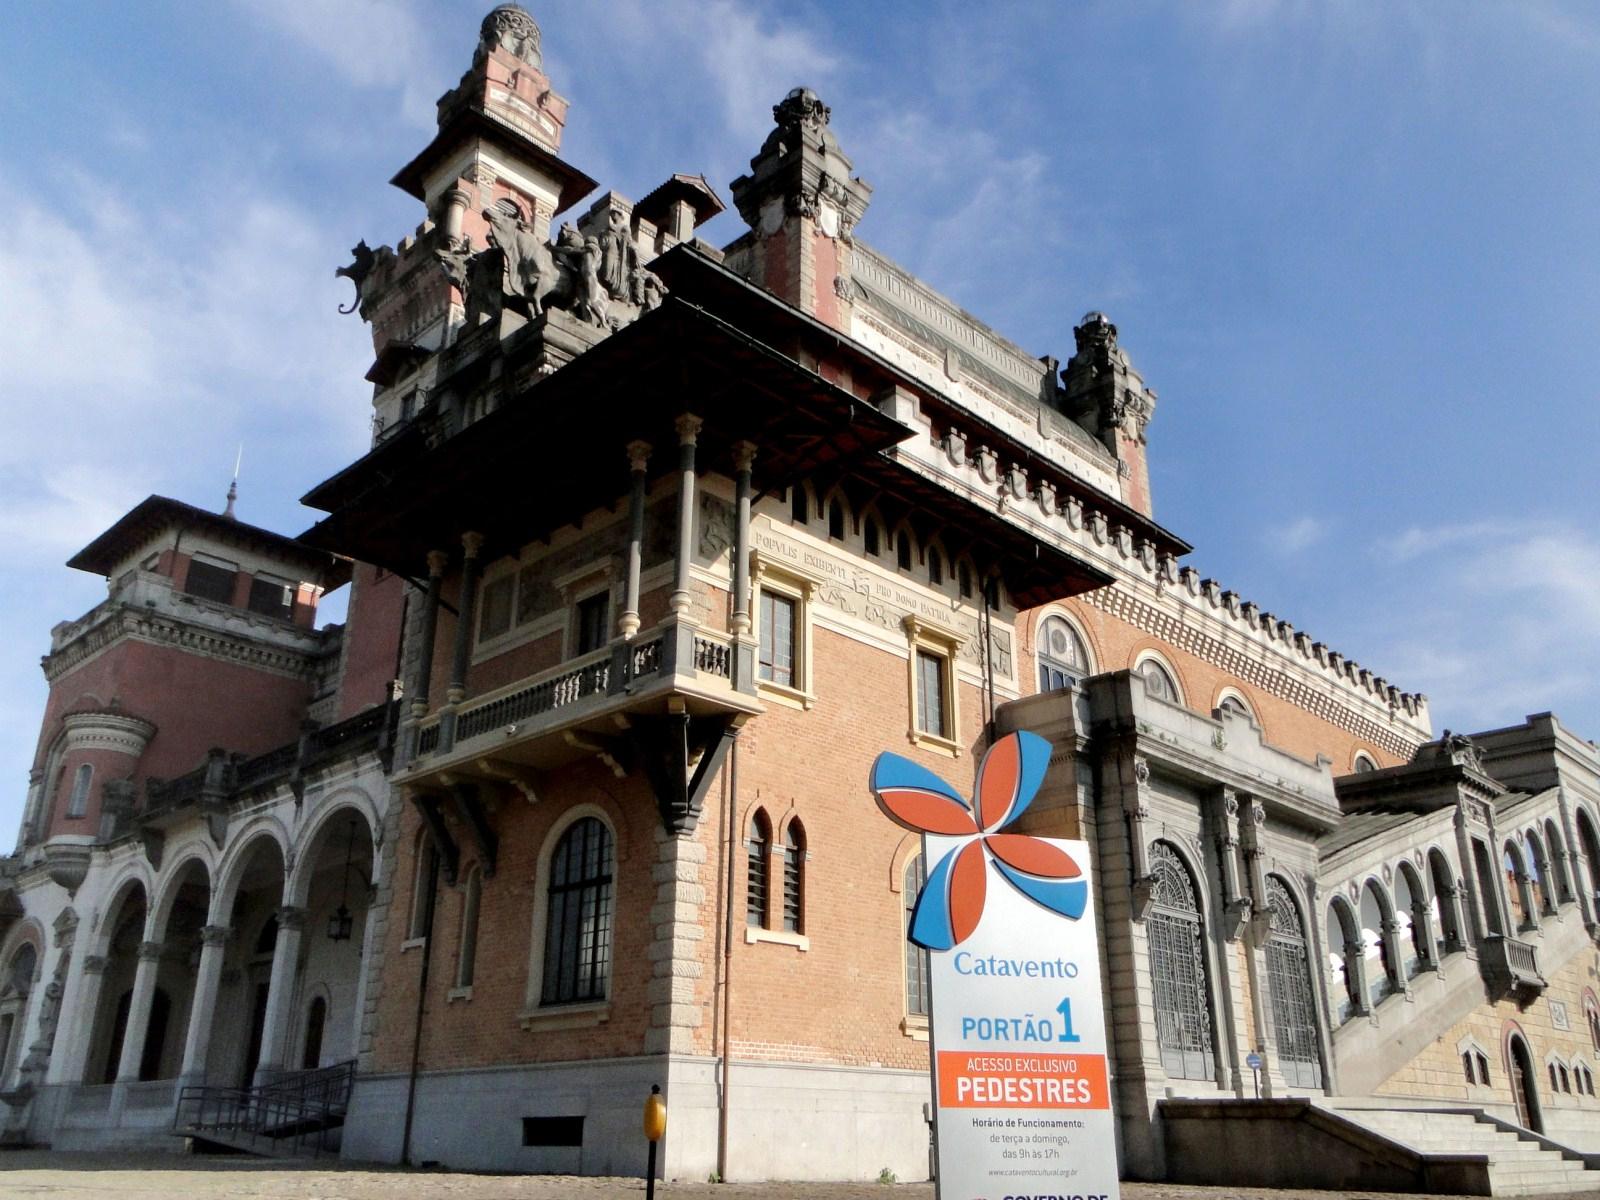 Fachada do Museu Catavento. Foto: reprodução/internet